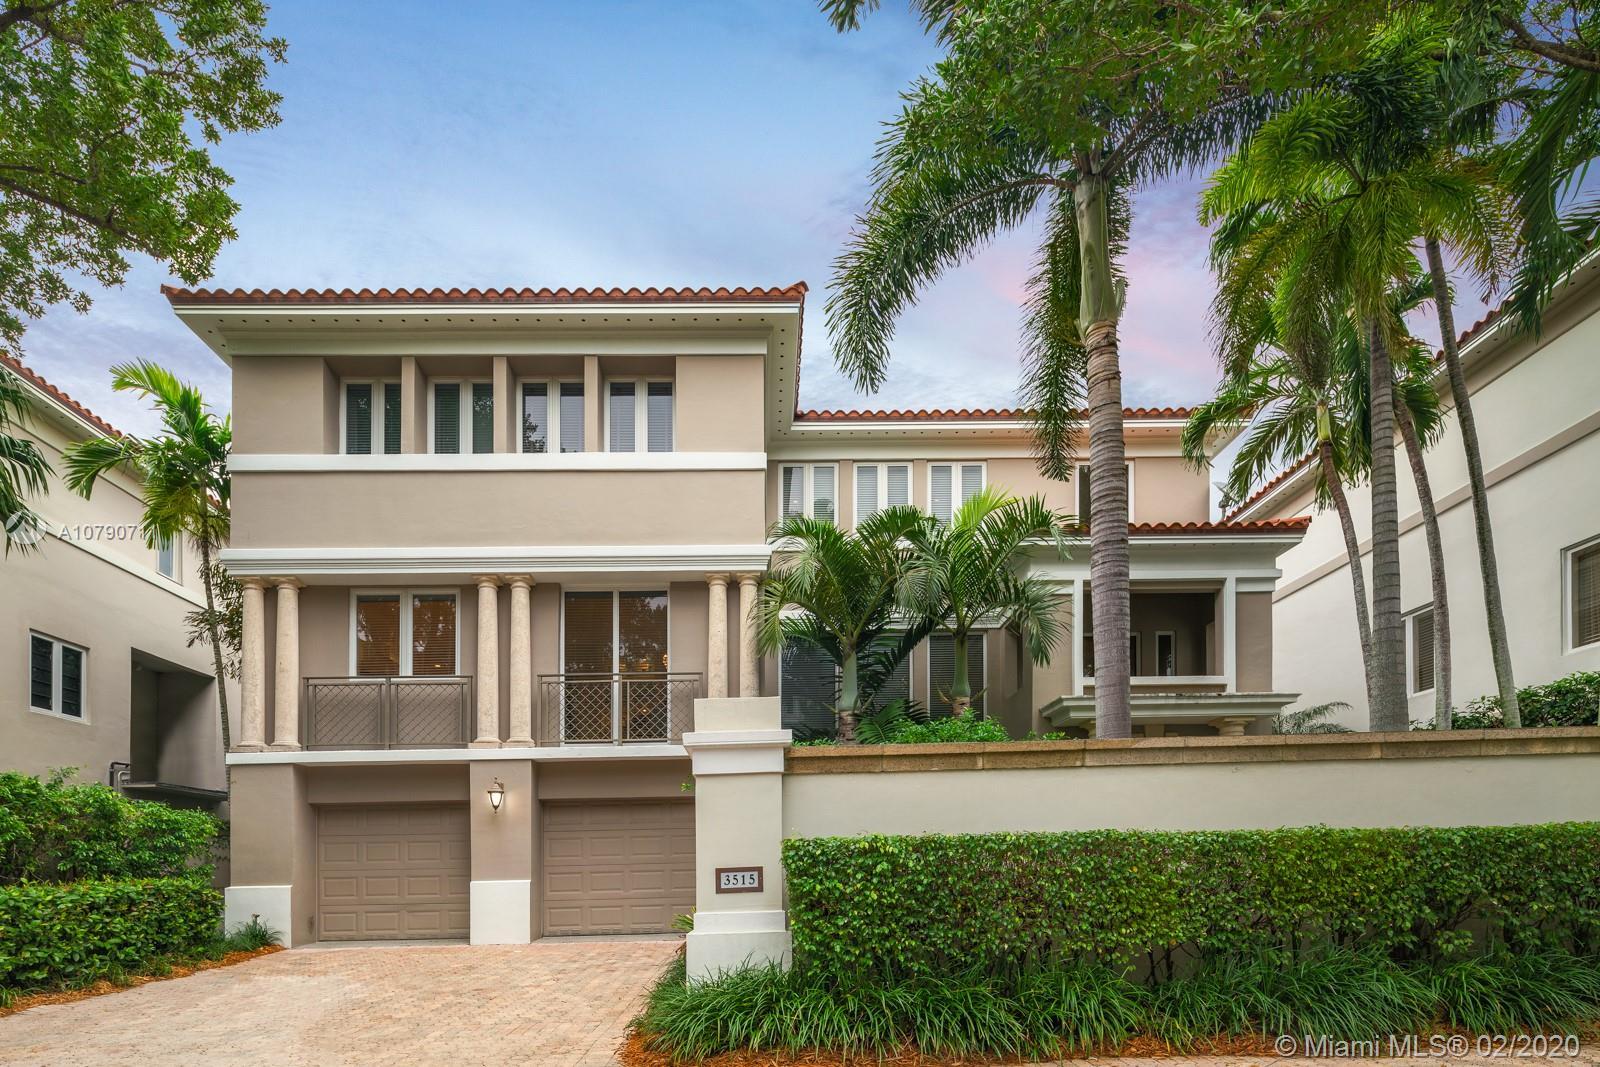 3515 Bayshore Villas Dr, Miami, Florida 33133, 3 Bedrooms Bedrooms, ,5 BathroomsBathrooms,Residential,For Sale,3515 Bayshore Villas Dr,A10790711